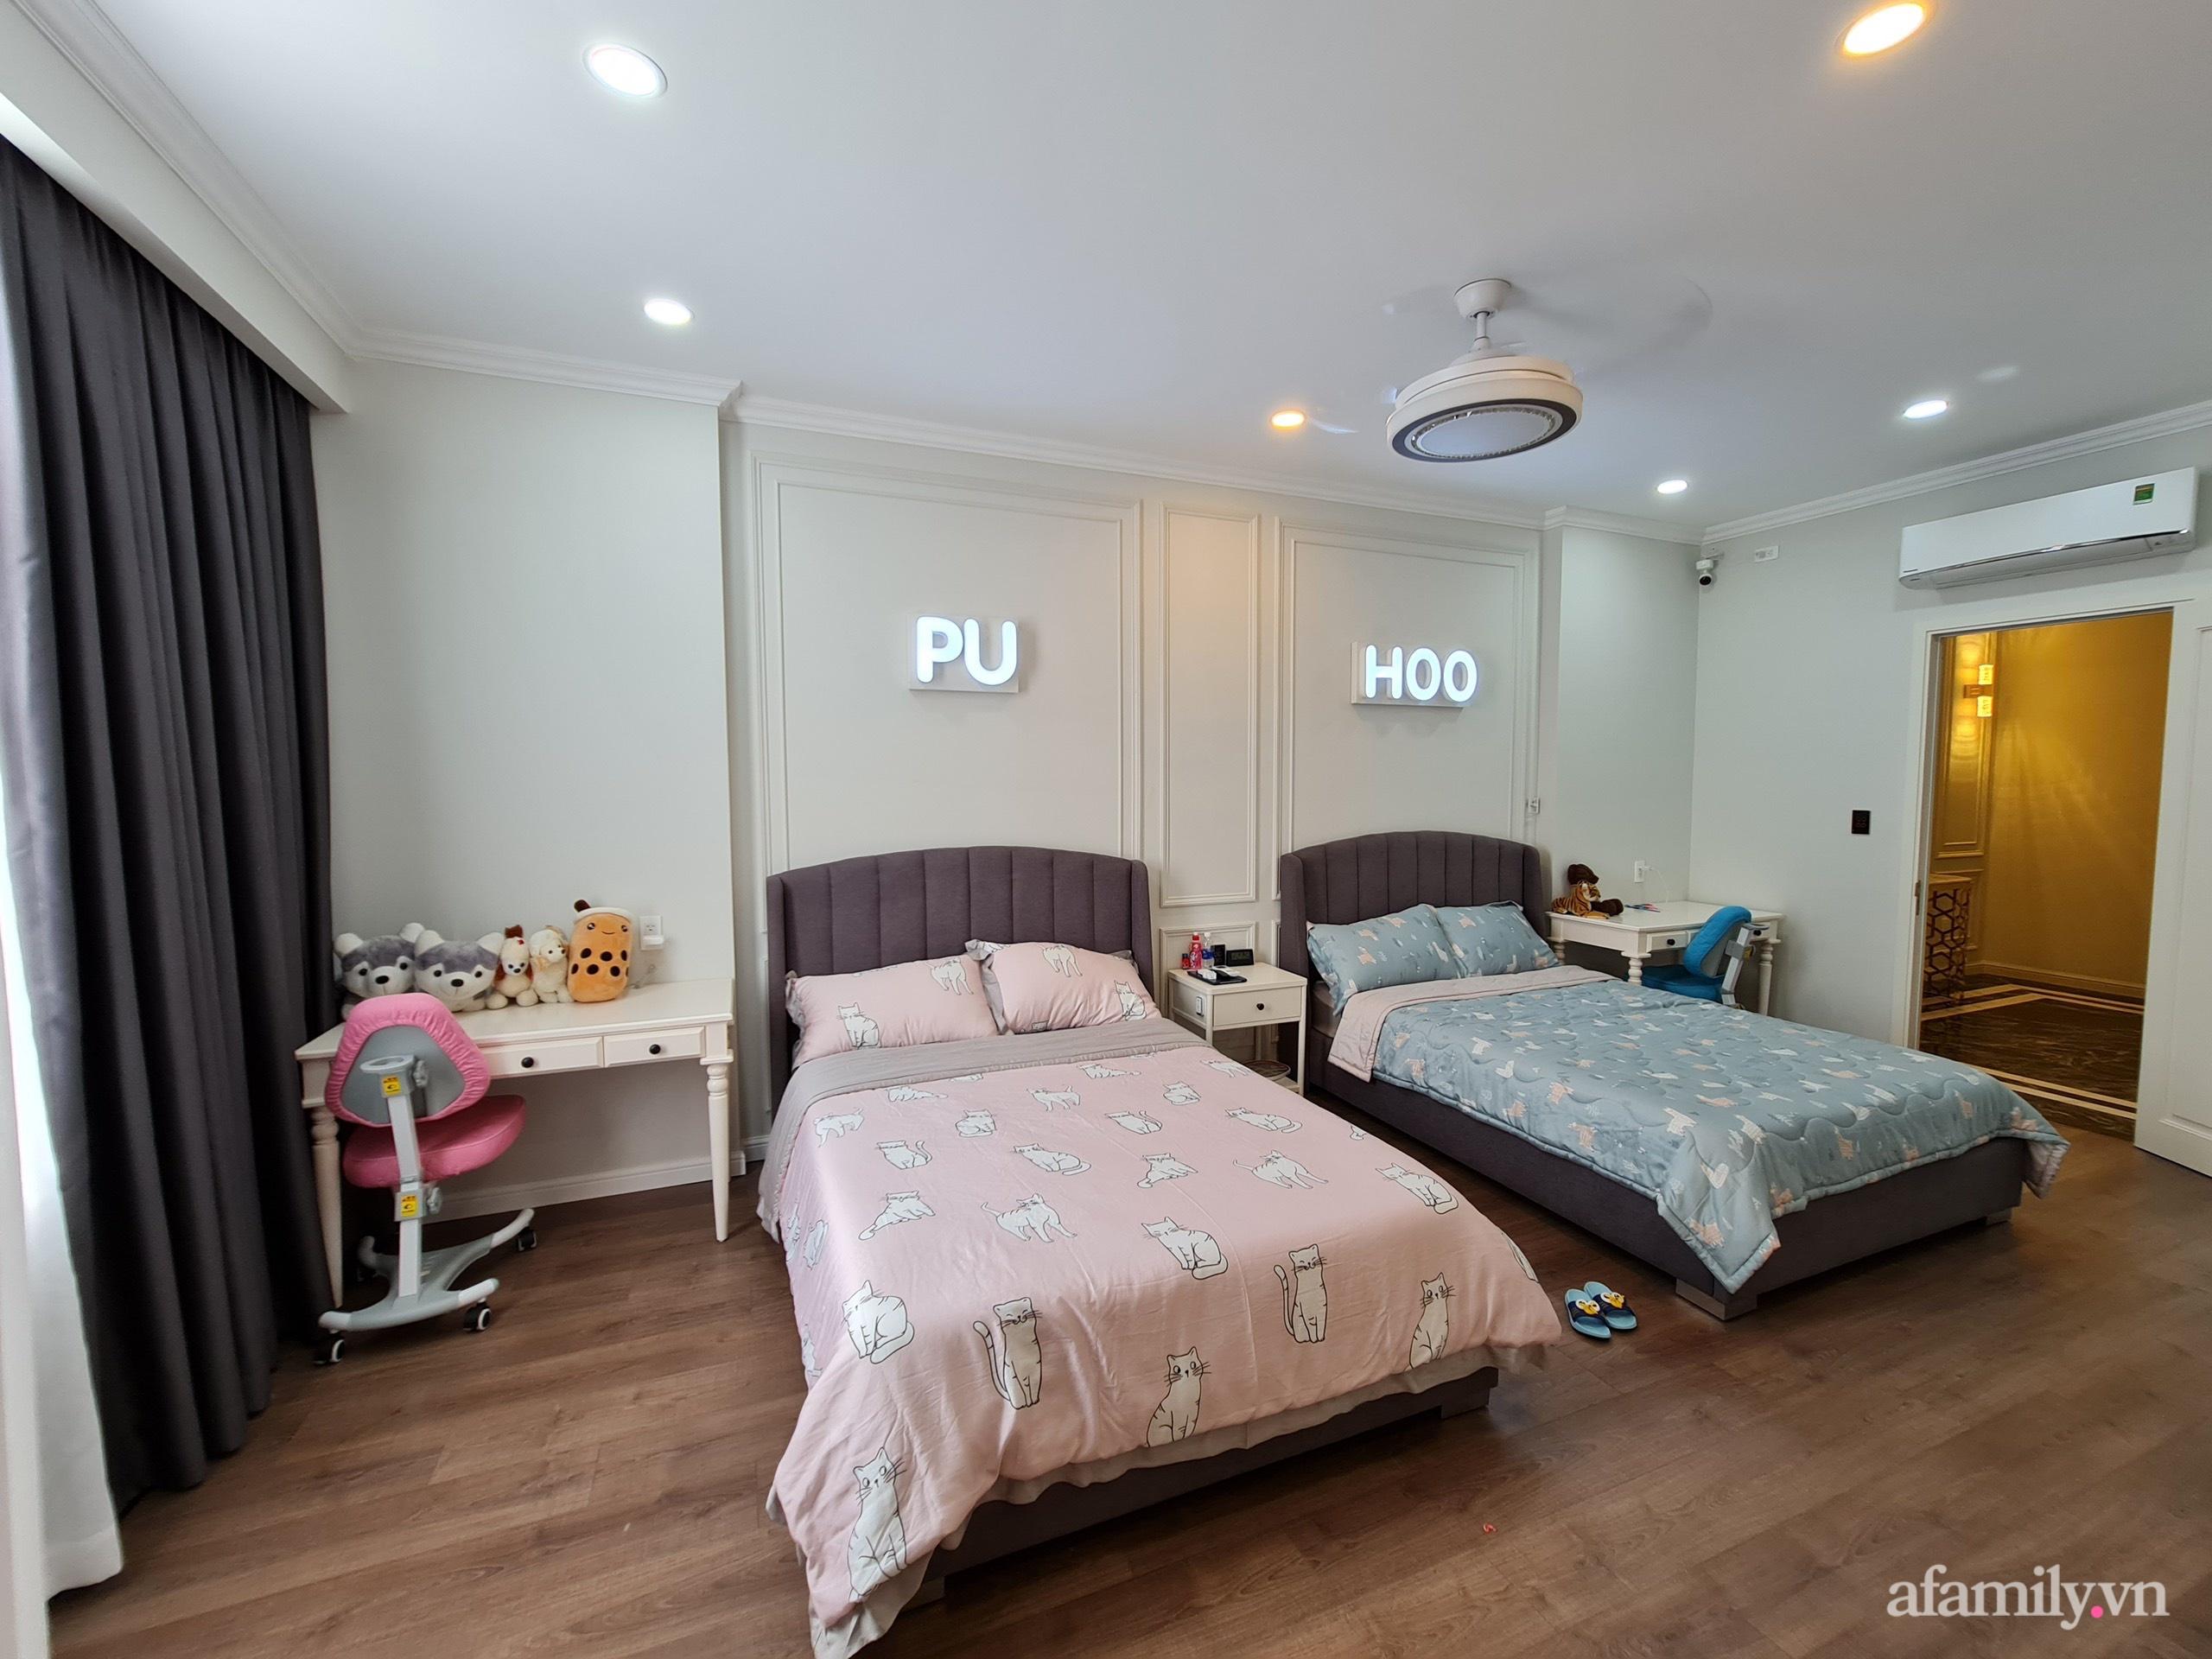 Nhà phố 78m² đẹp tiện nghi góc nào cũng chill với phong cách tân cổ điển ở Sài Gòn - Ảnh 16.